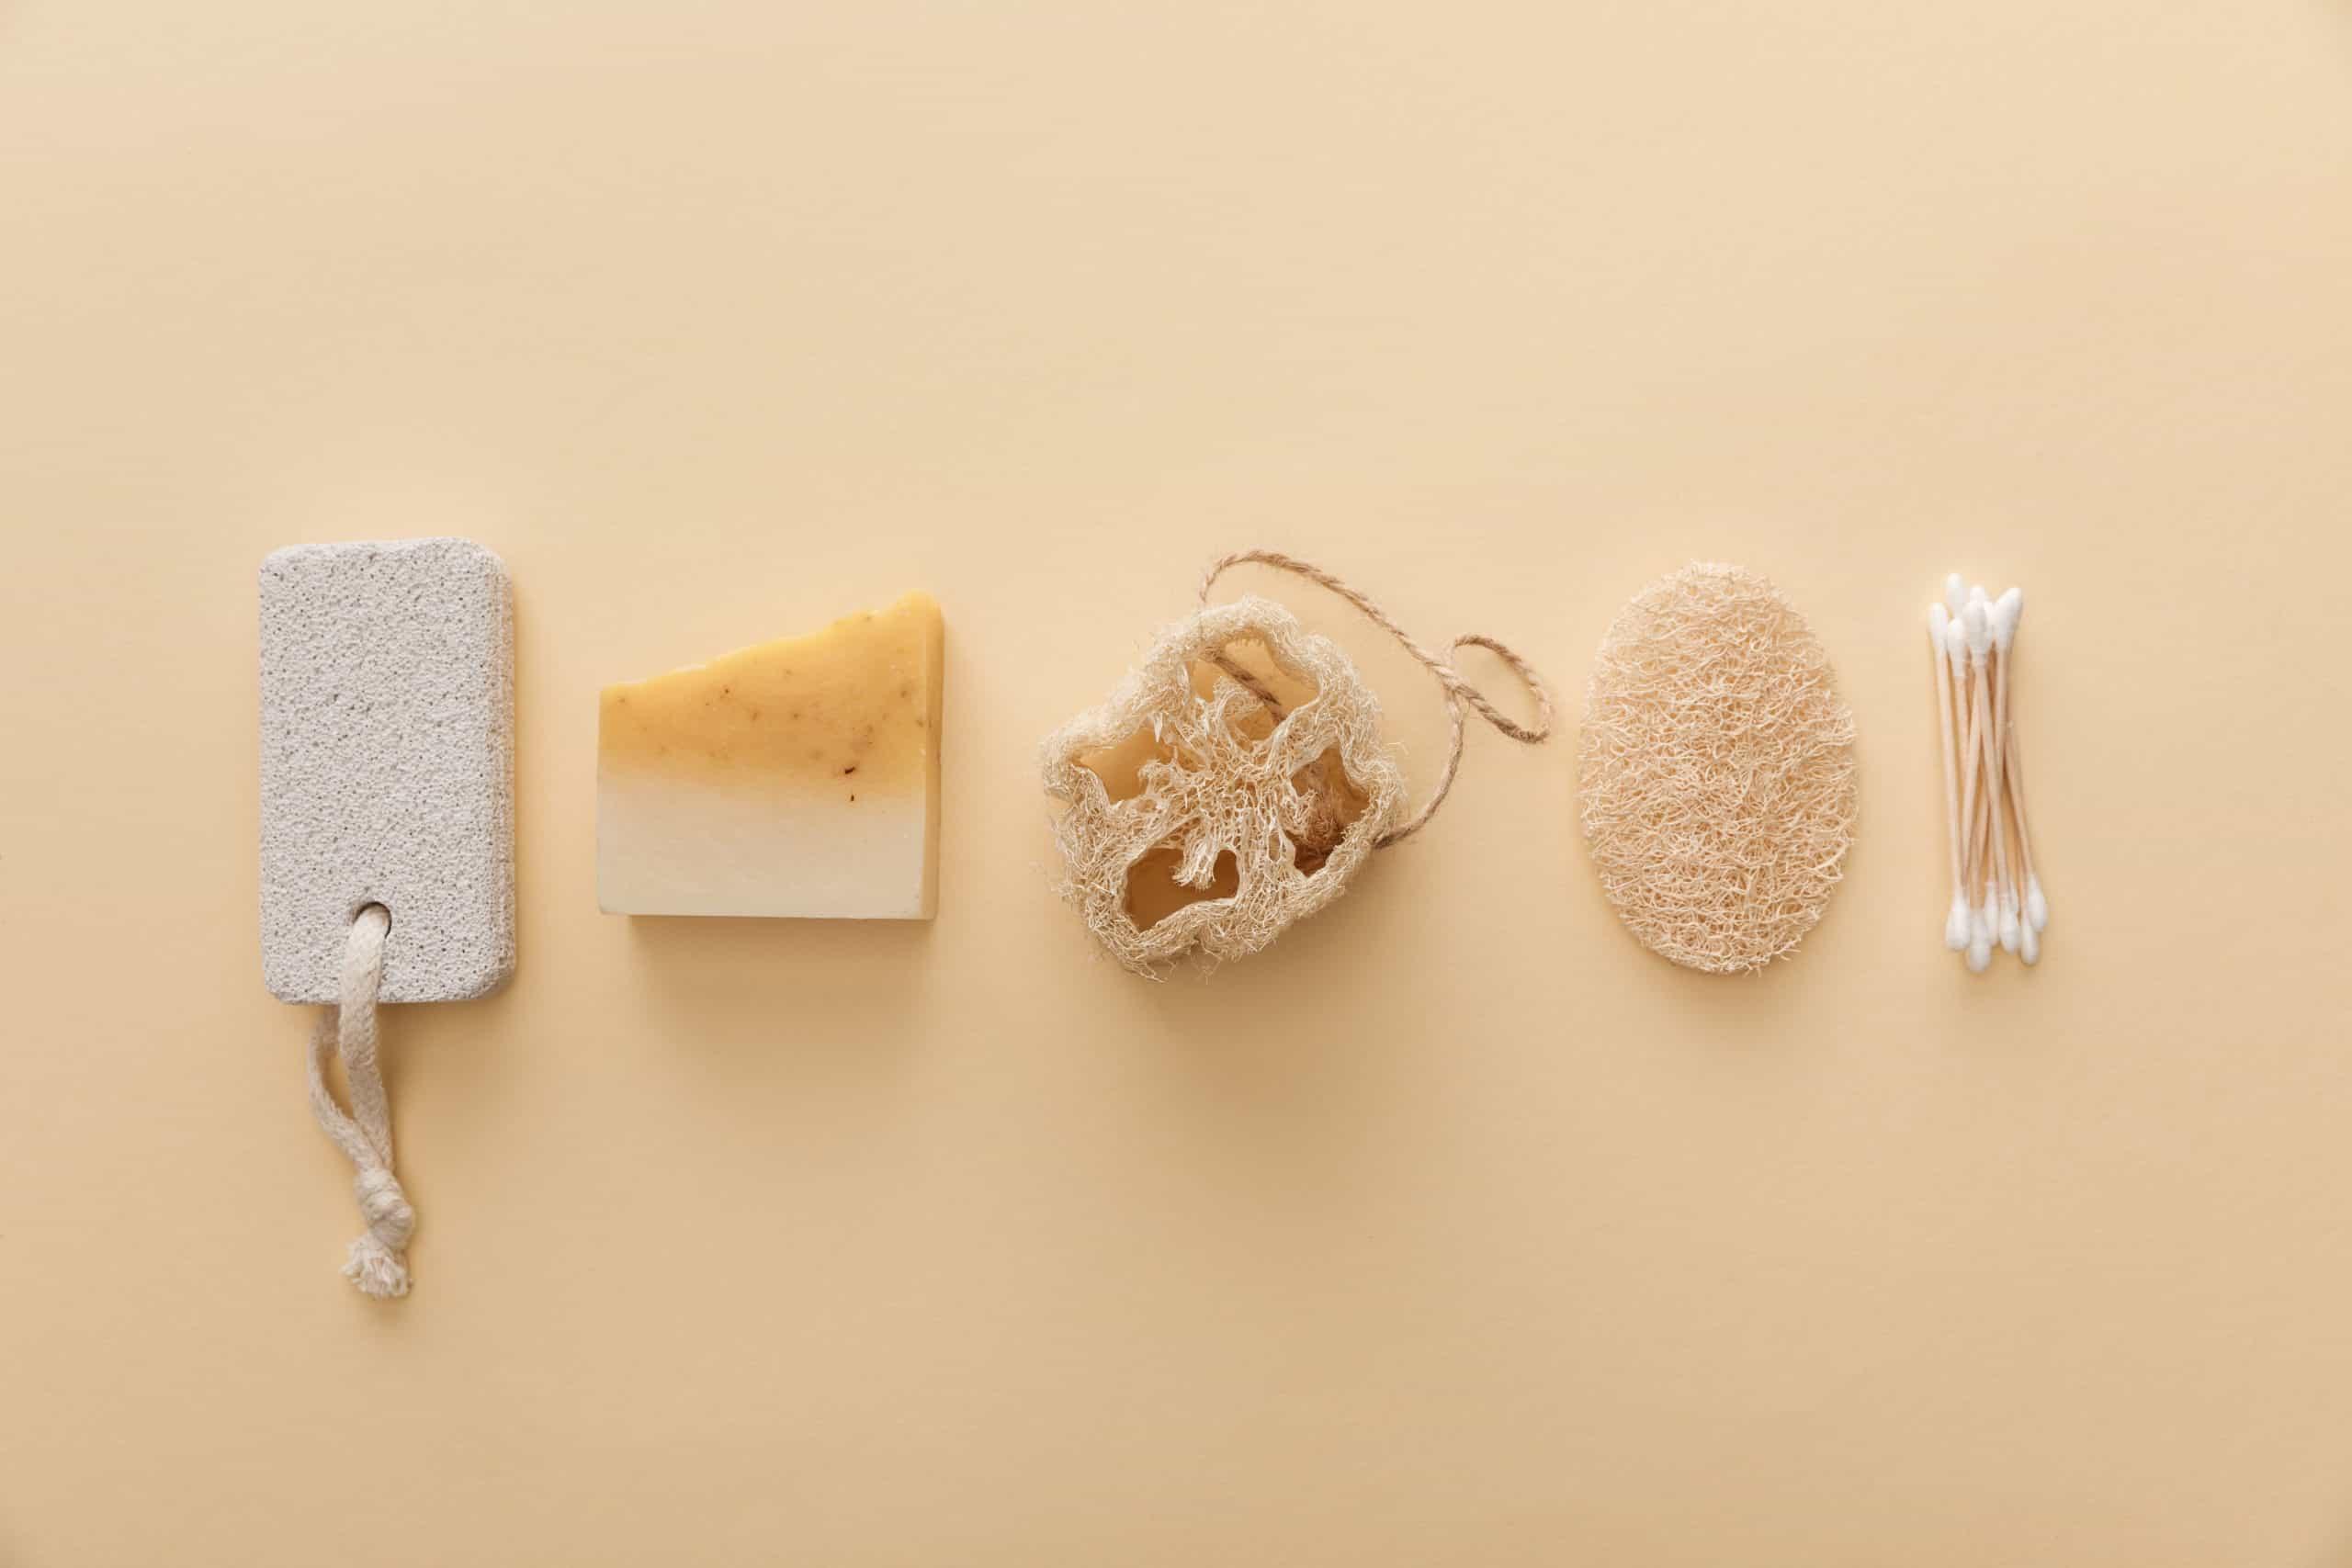 Soap & Body Wash Investigation: Non-Toxic Brands 1